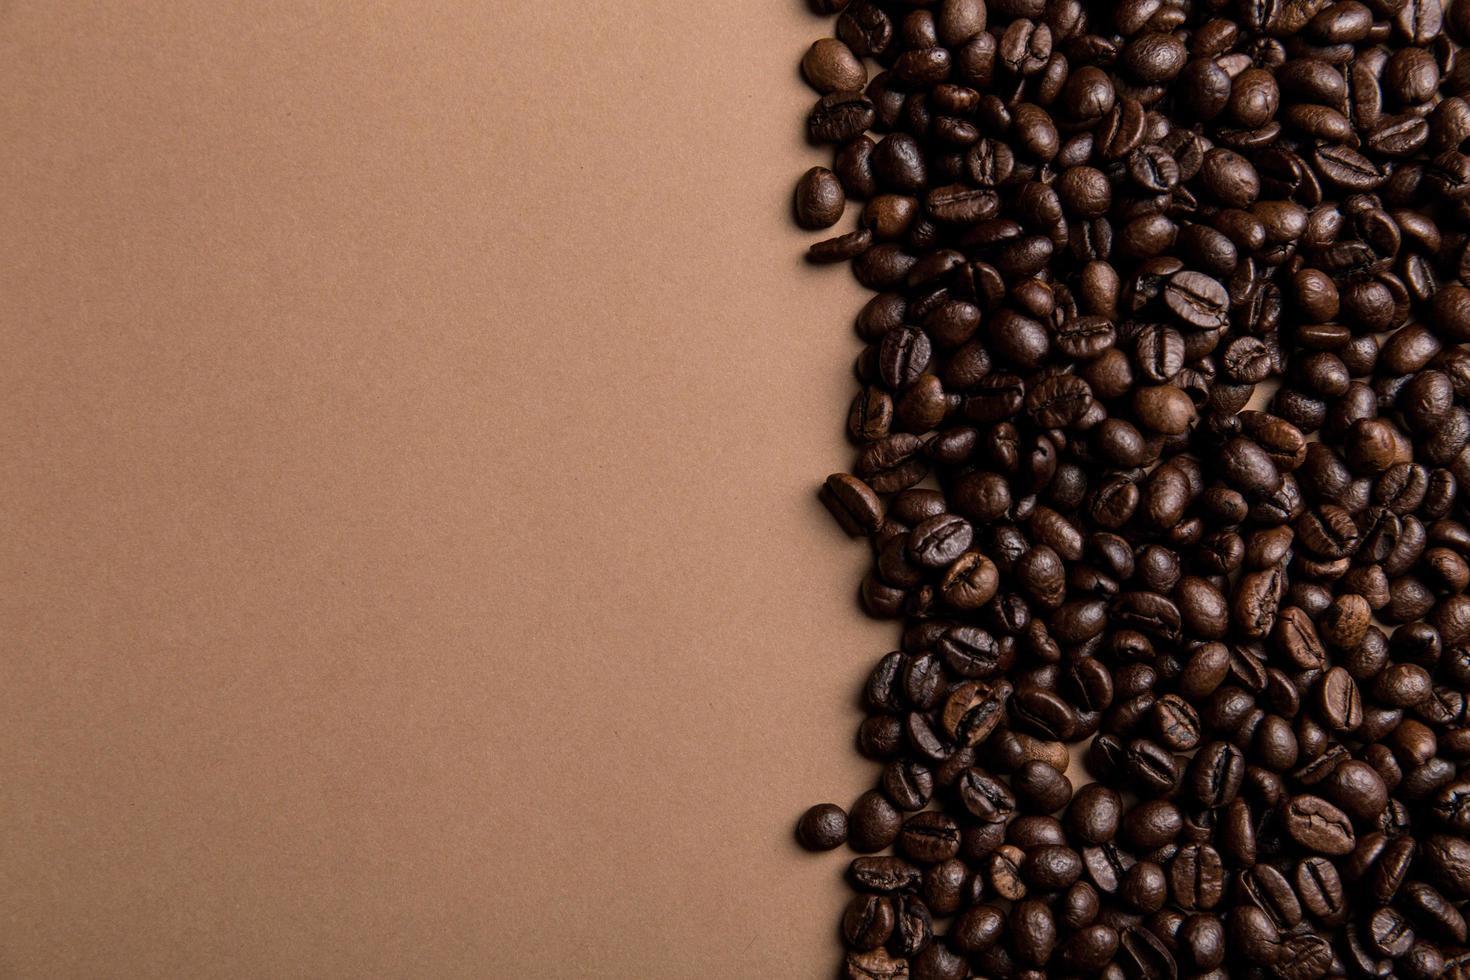 chicchi di caffè marroni foto